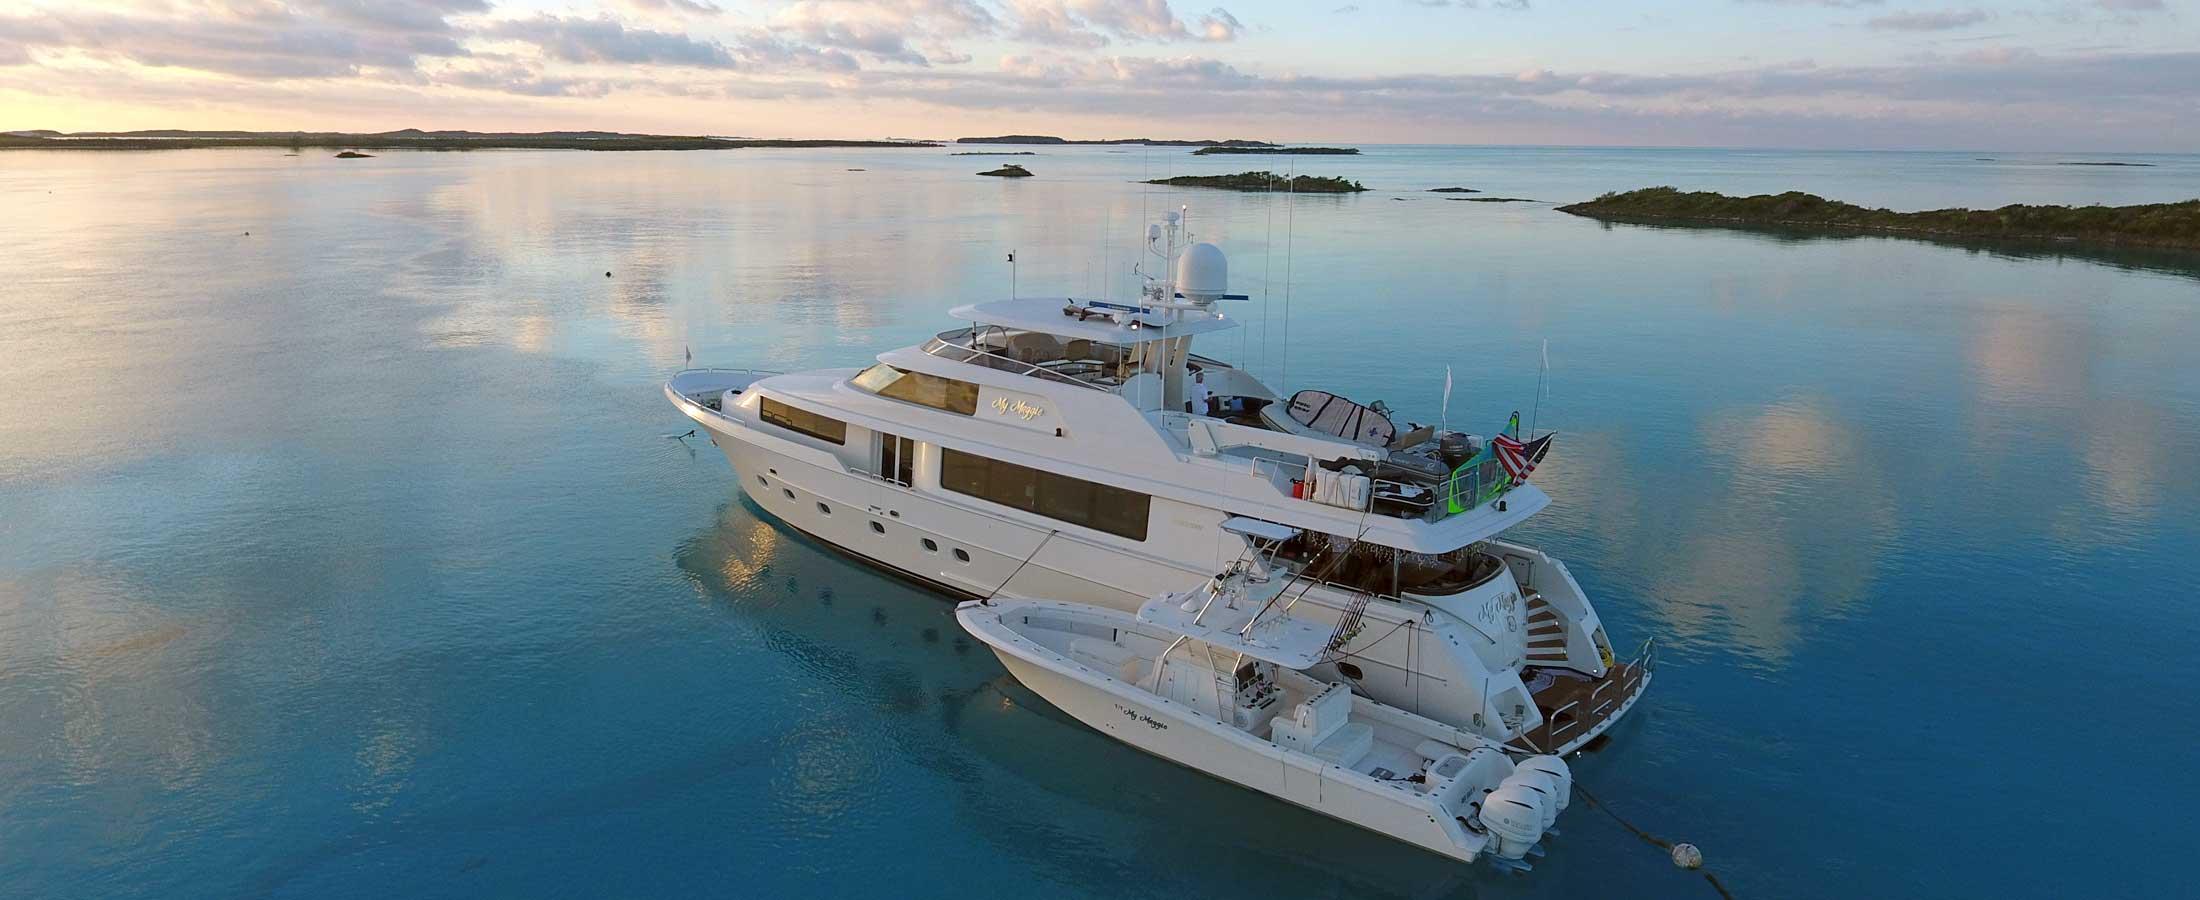 Yacht Charter Calendar - Westport Yachts